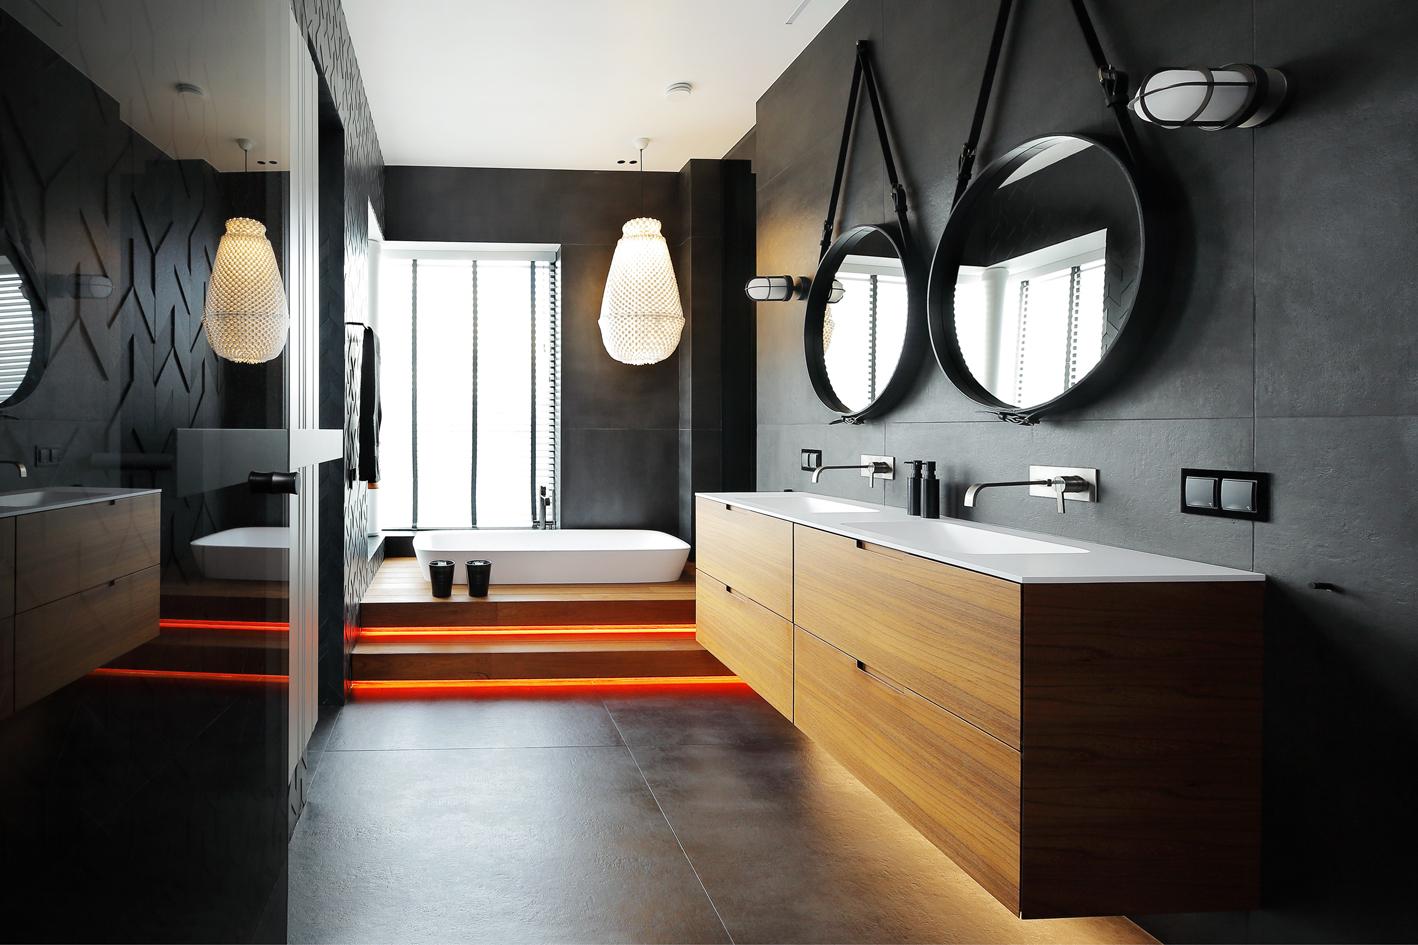 Jaapanipärane esteetika, puhas minimalistlik vormikeel, erilised valguslahendused ning automaatika